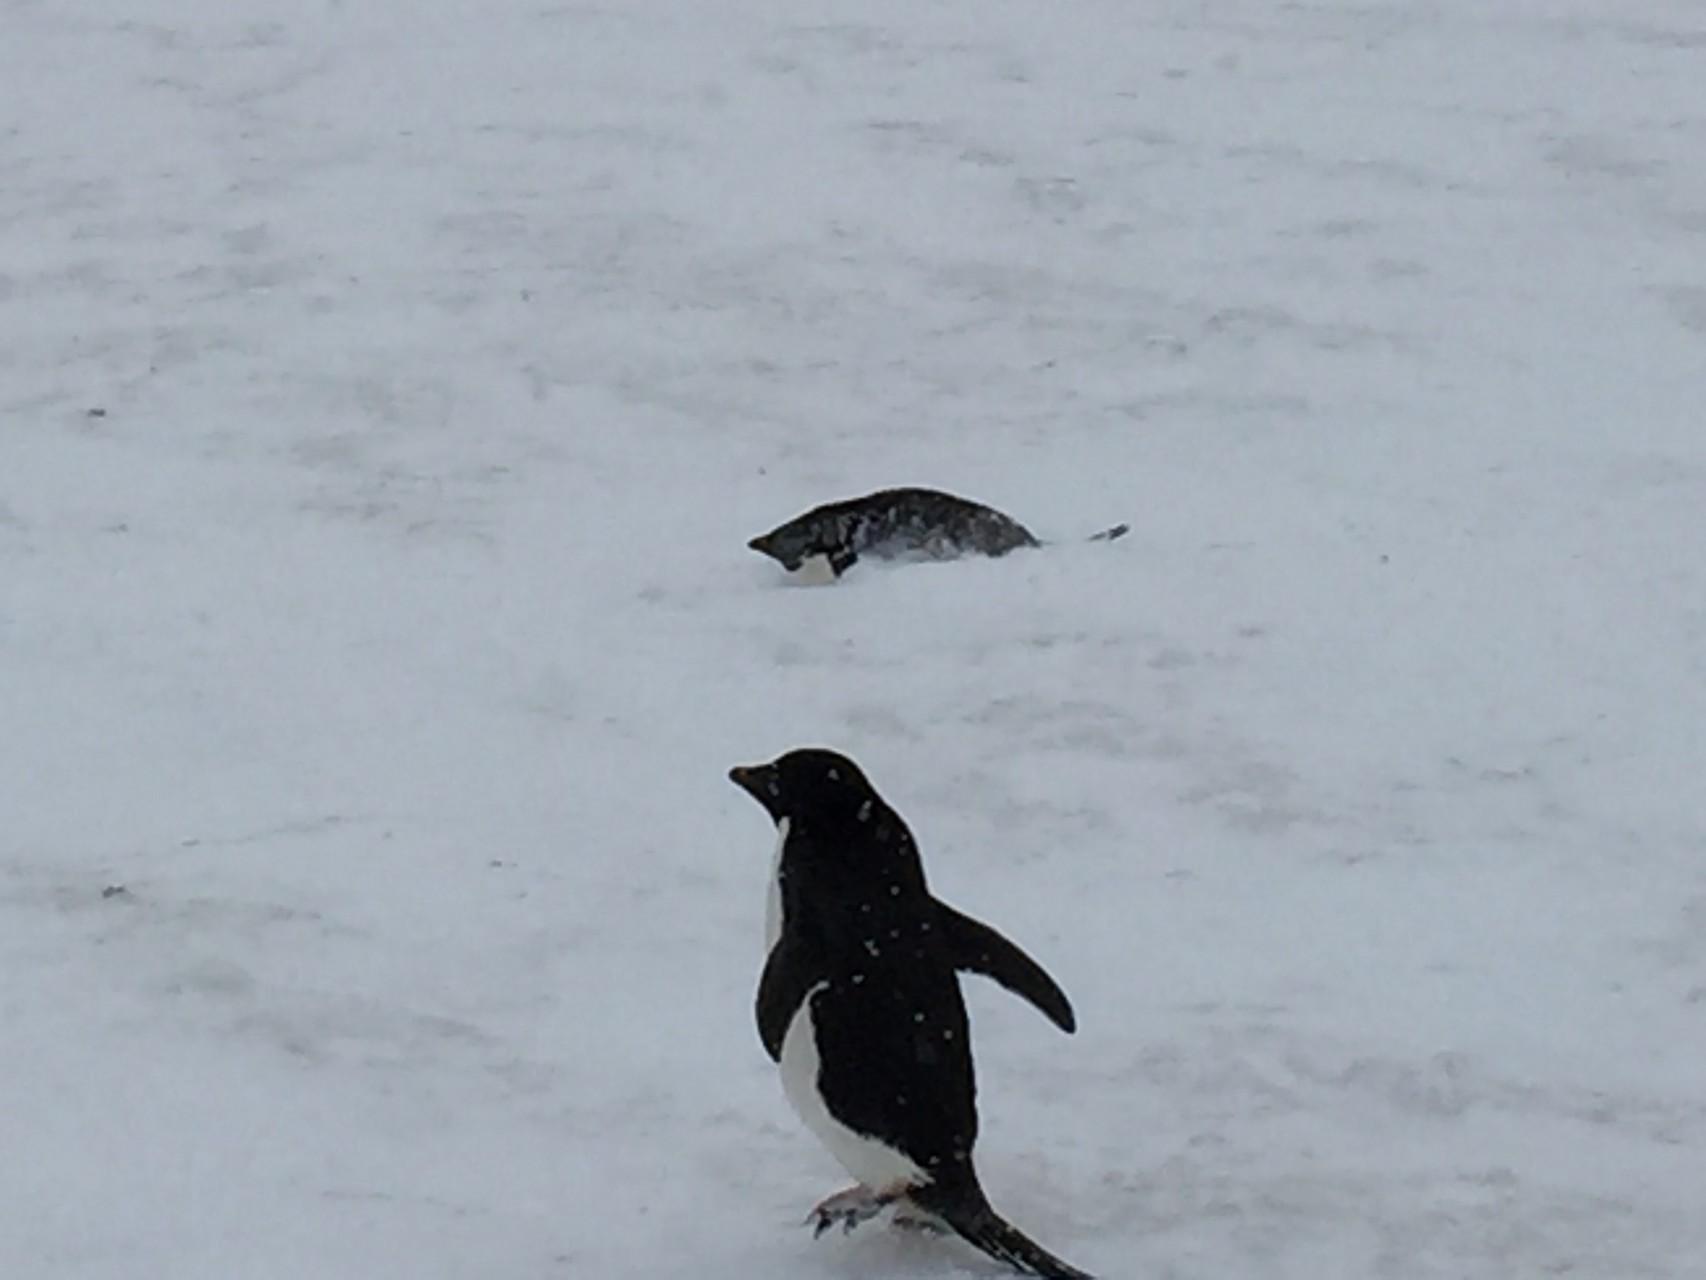 Pinguin der sich einschneien lässt